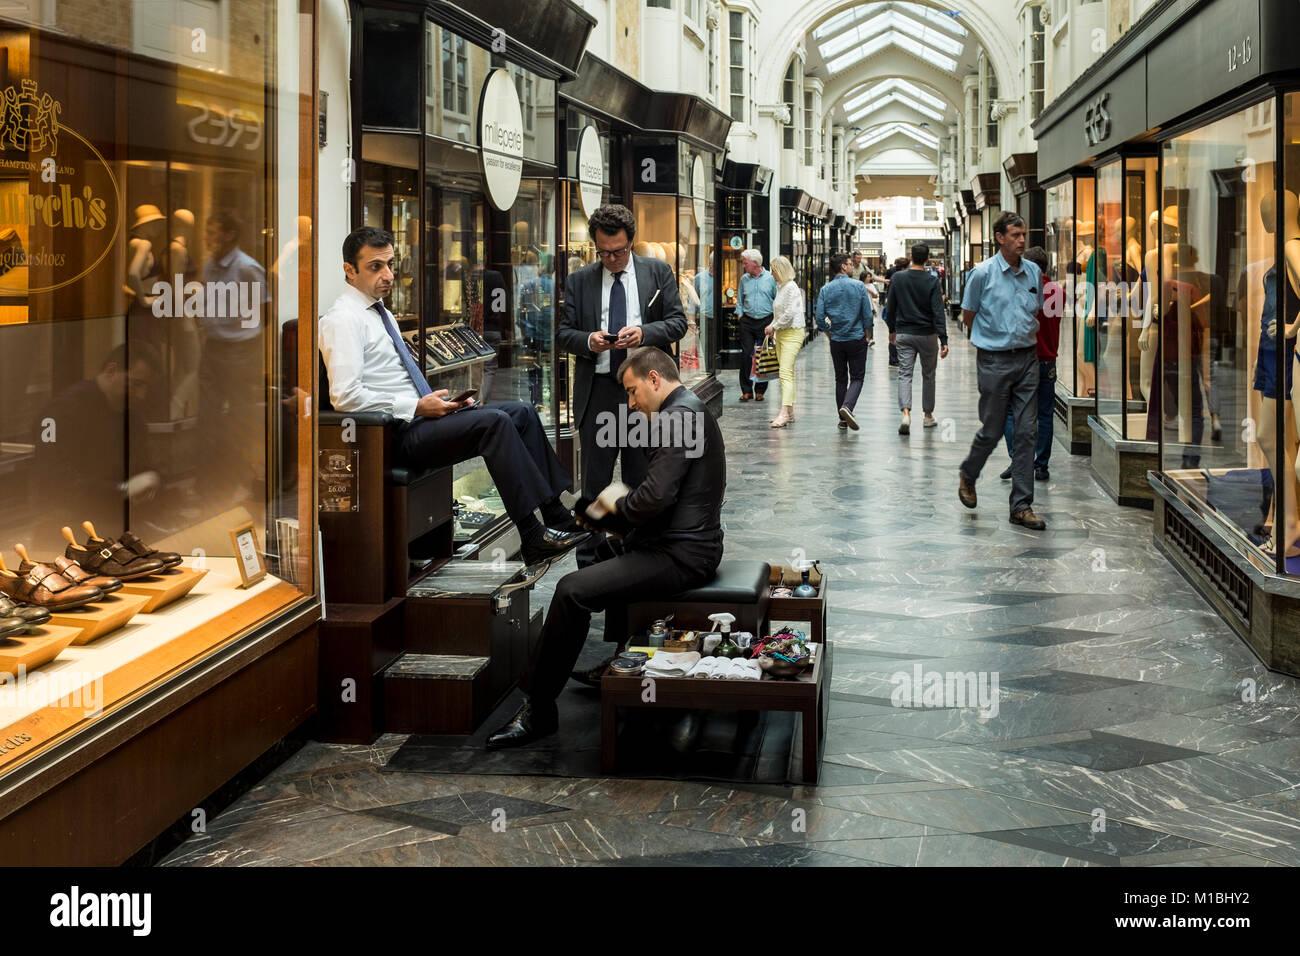 Shoeshine boy (man) cleaning customers shoes at Burlington Arcade, London, UK - Stock Image